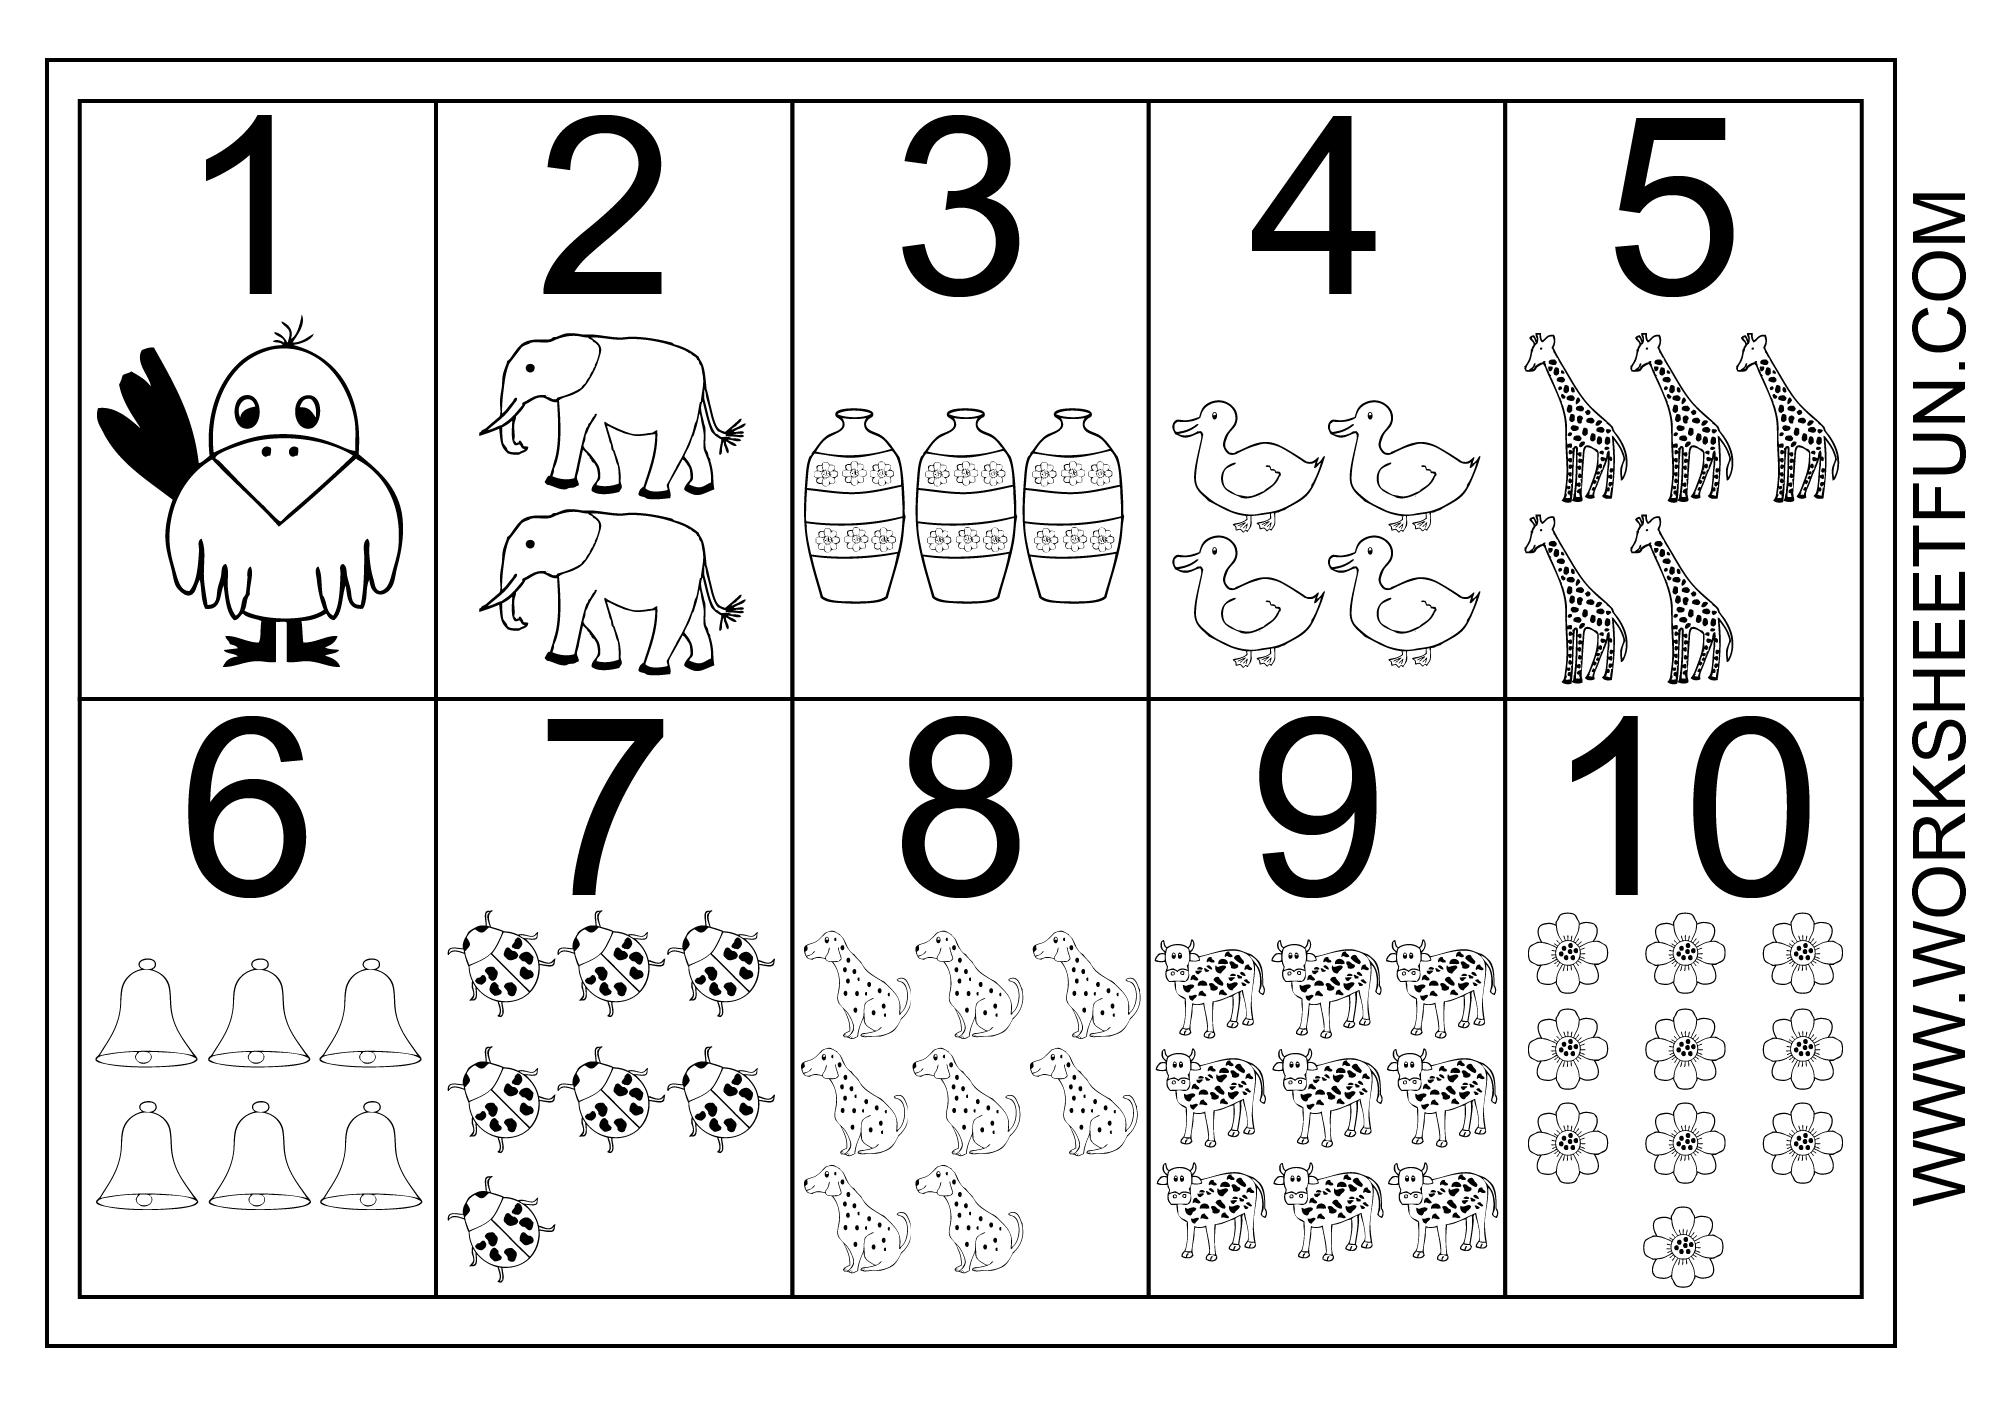 5 Best Images of Large Numbers Free Printable Preschool ...